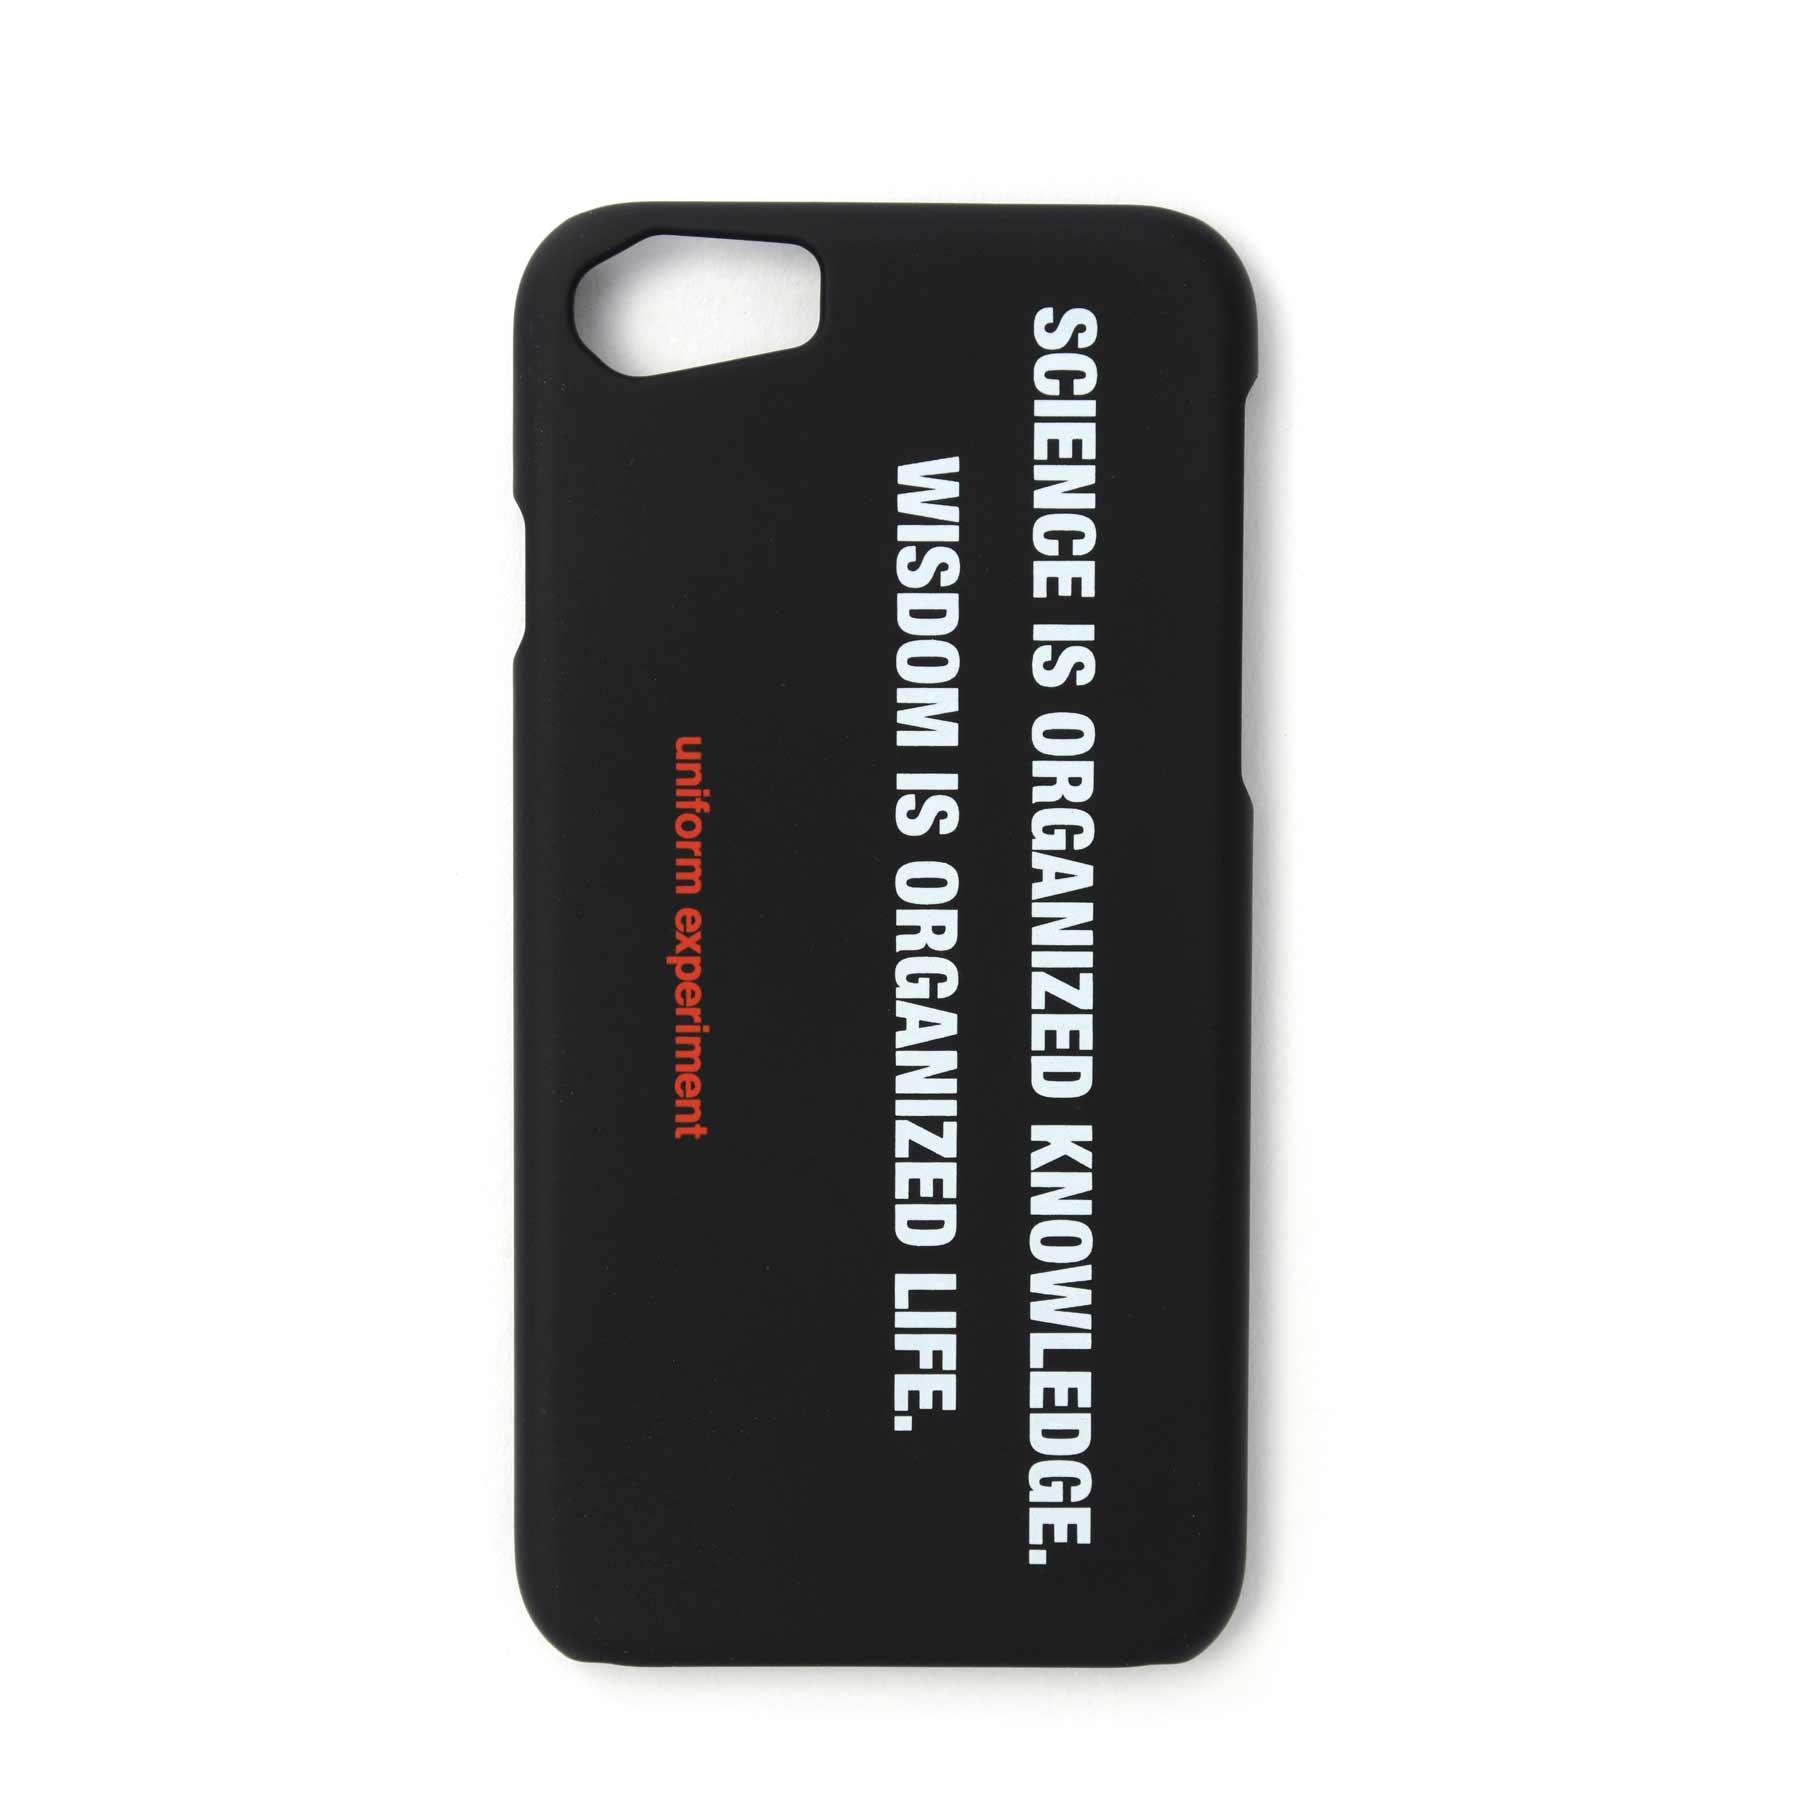 画像2: uniform experiment / PHILOSOPHY PHONE CASE for iPhone 6,7,8